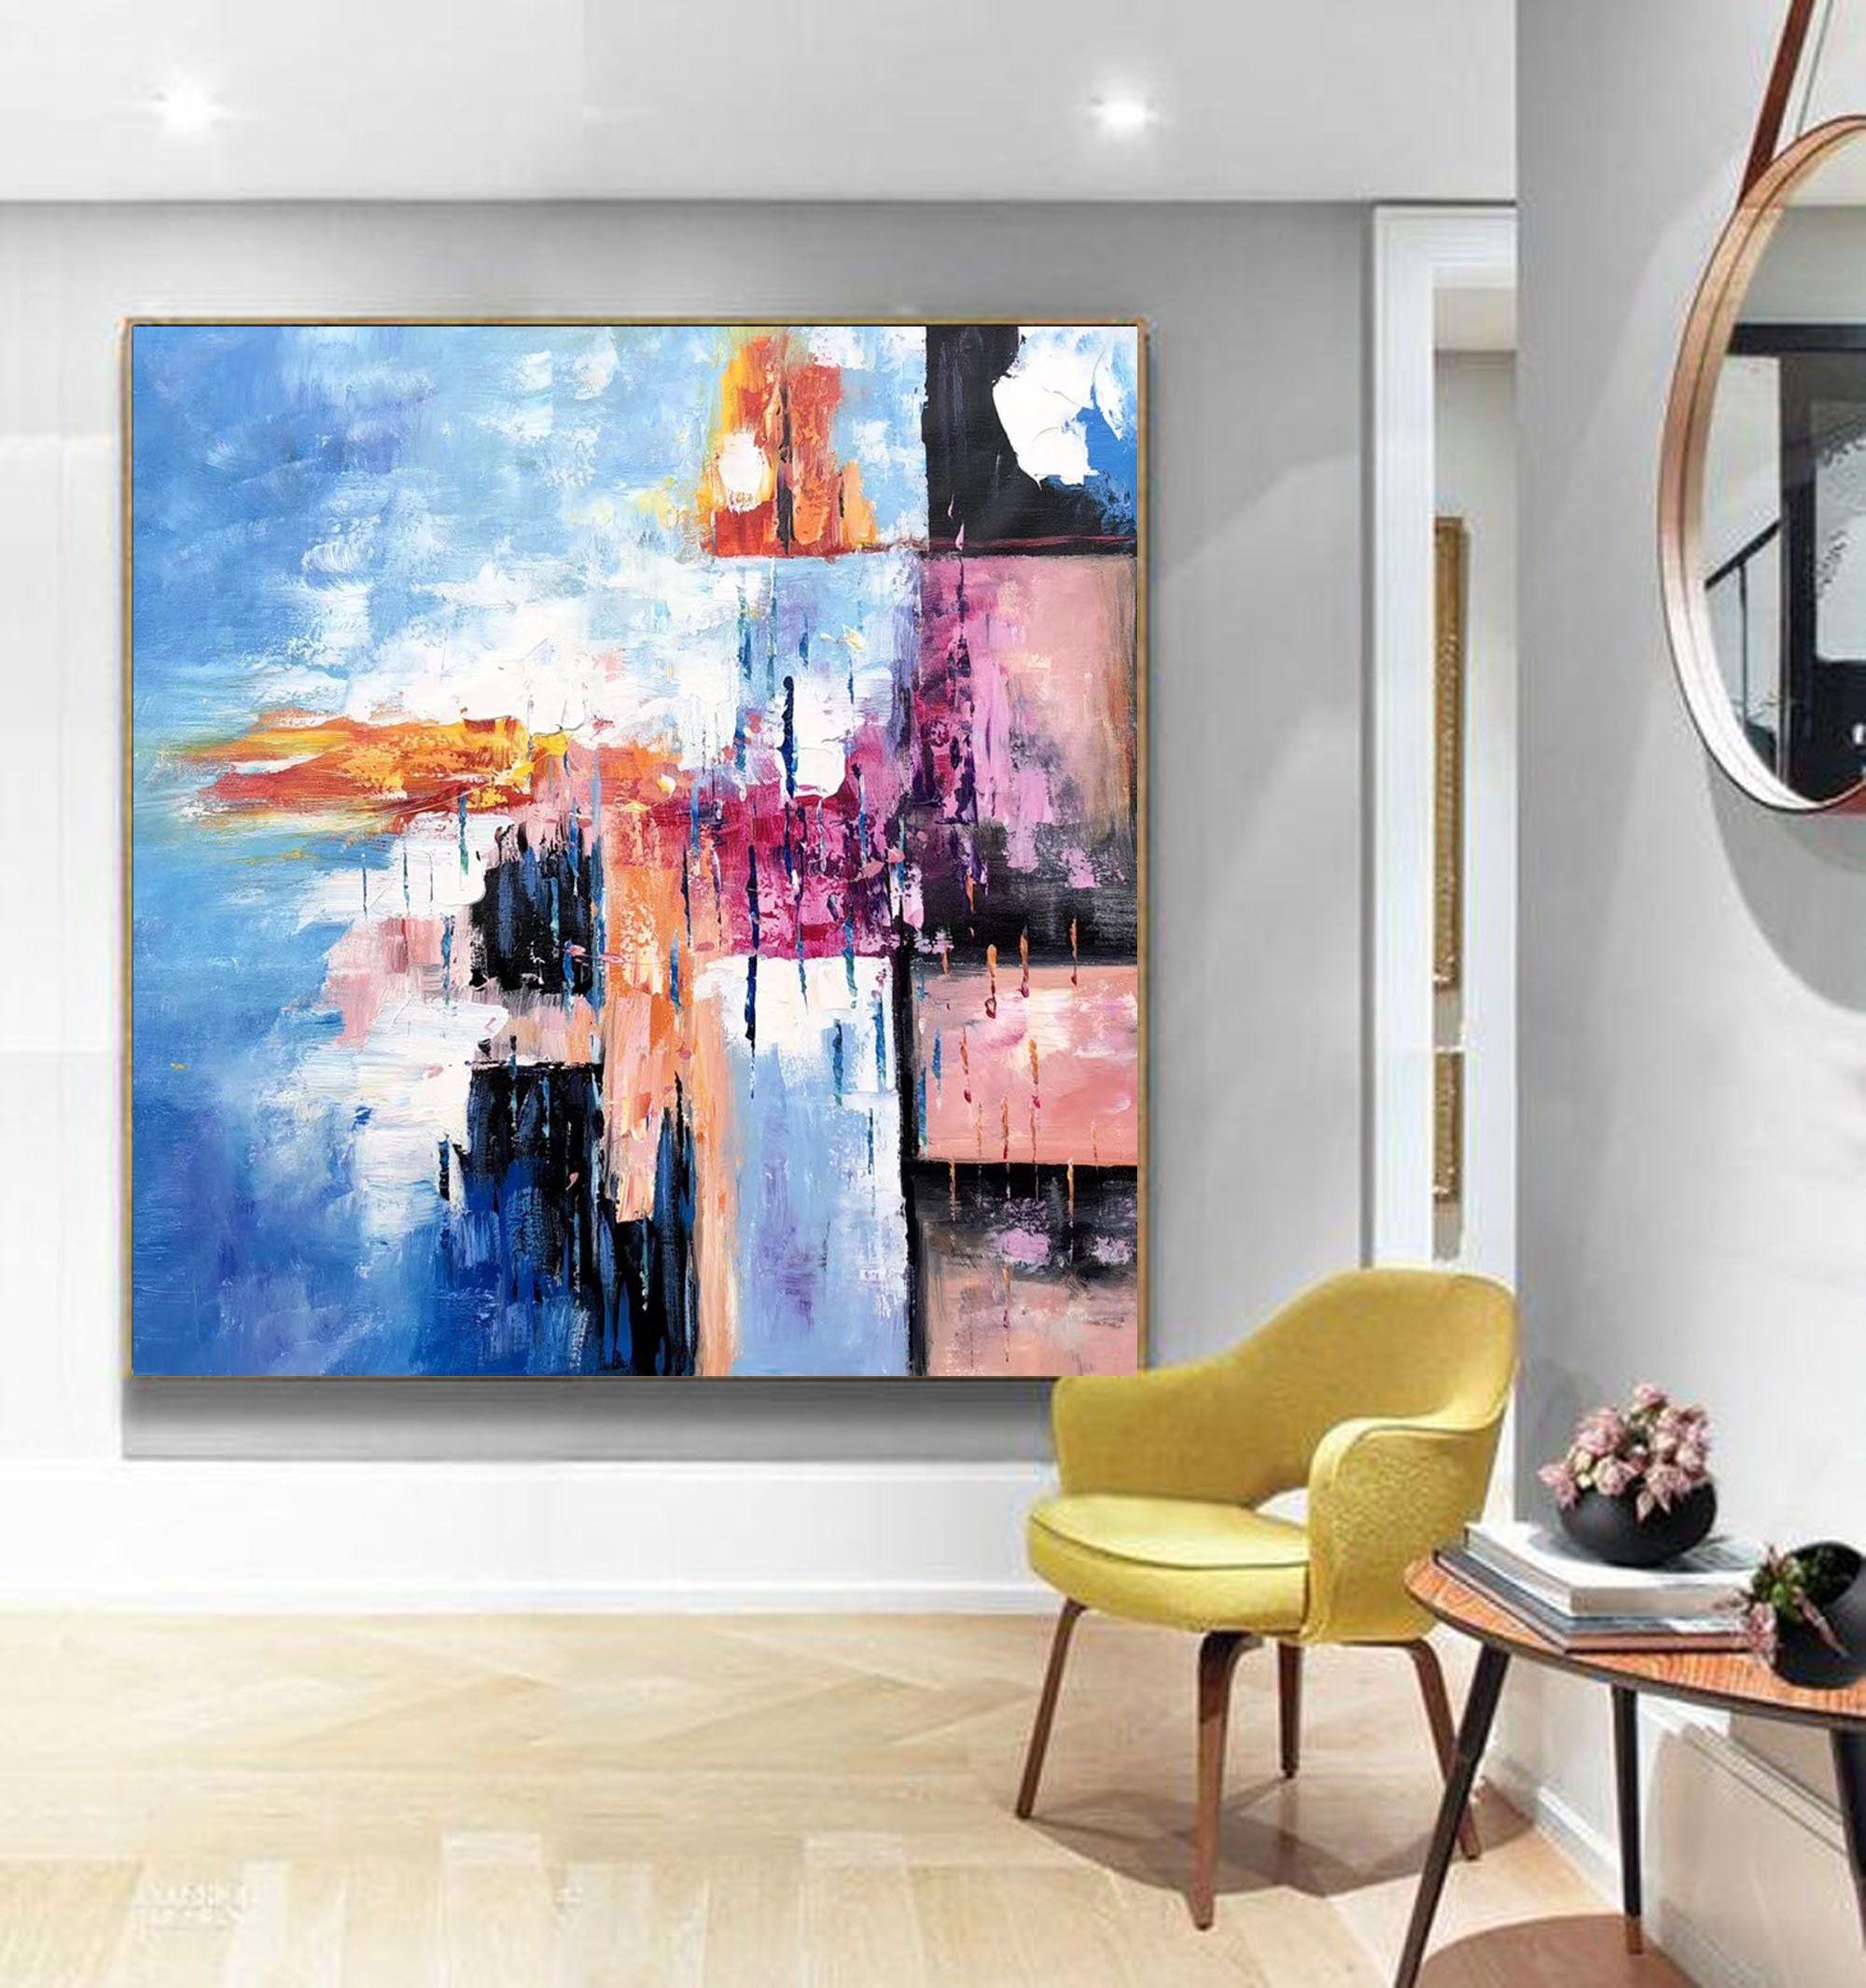 2020 的 Original Abstract Painting On Canvas Large Canvas Wall Art